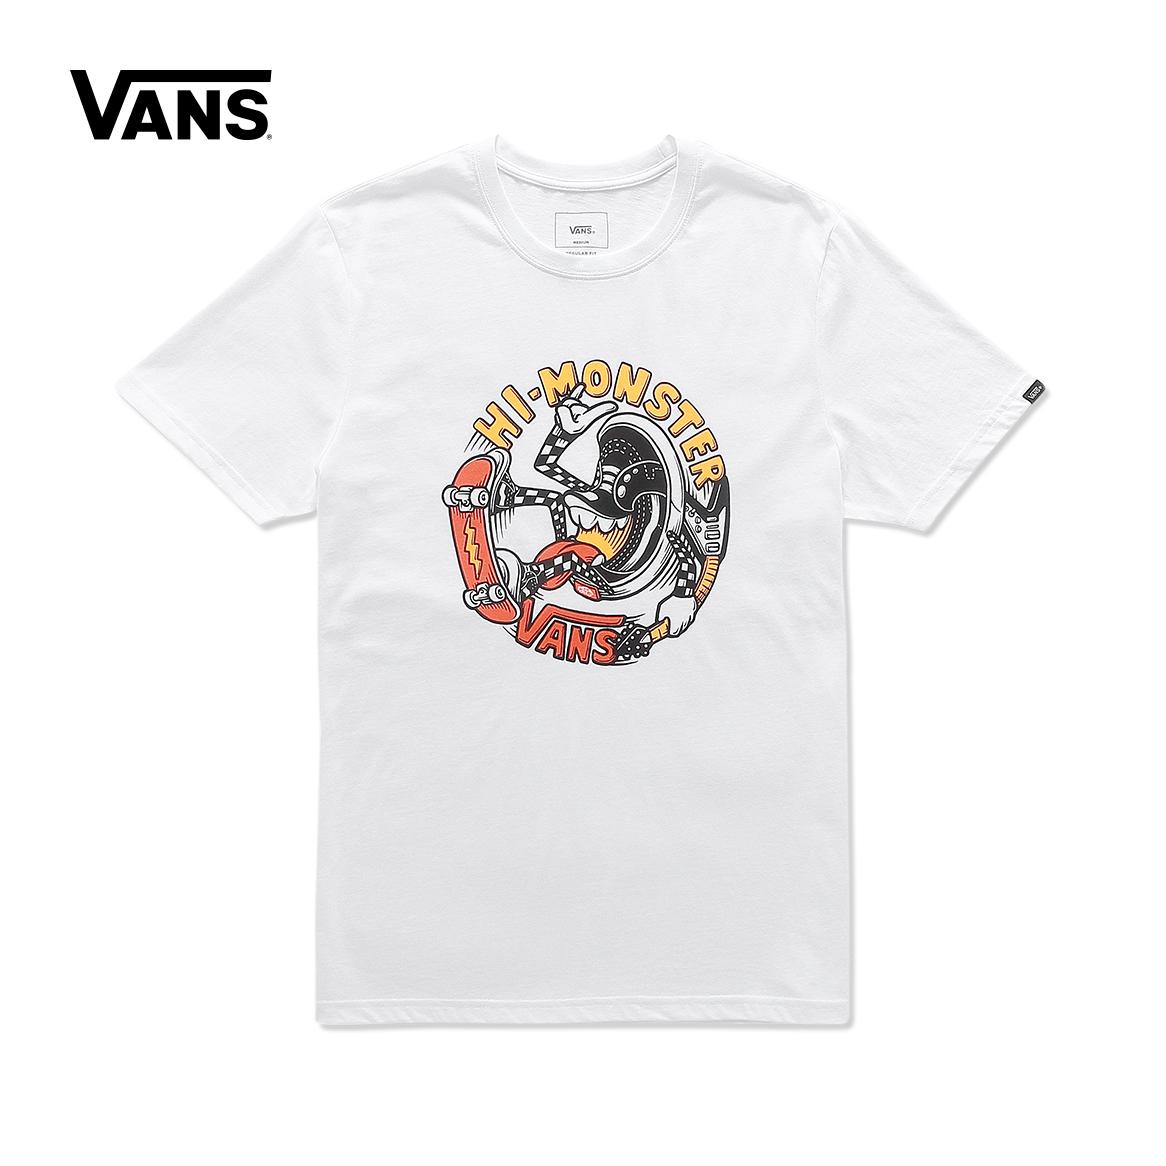 Vans/ модель этот осень белый мужской короткие женские модели рукав T футболки |VN0A3DEUWHT